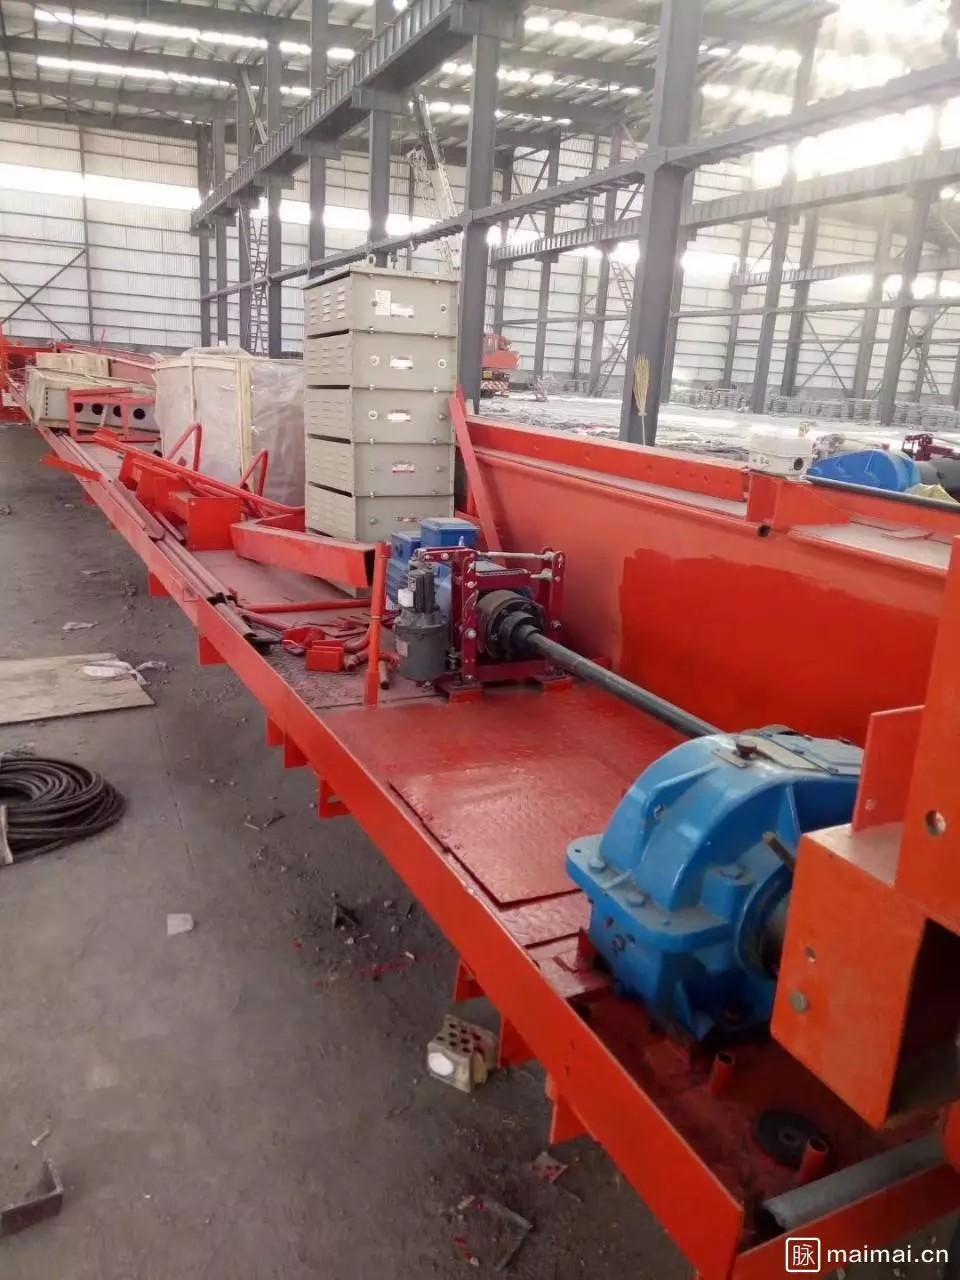 河南矿山专业生产单双梁桥门式起重机